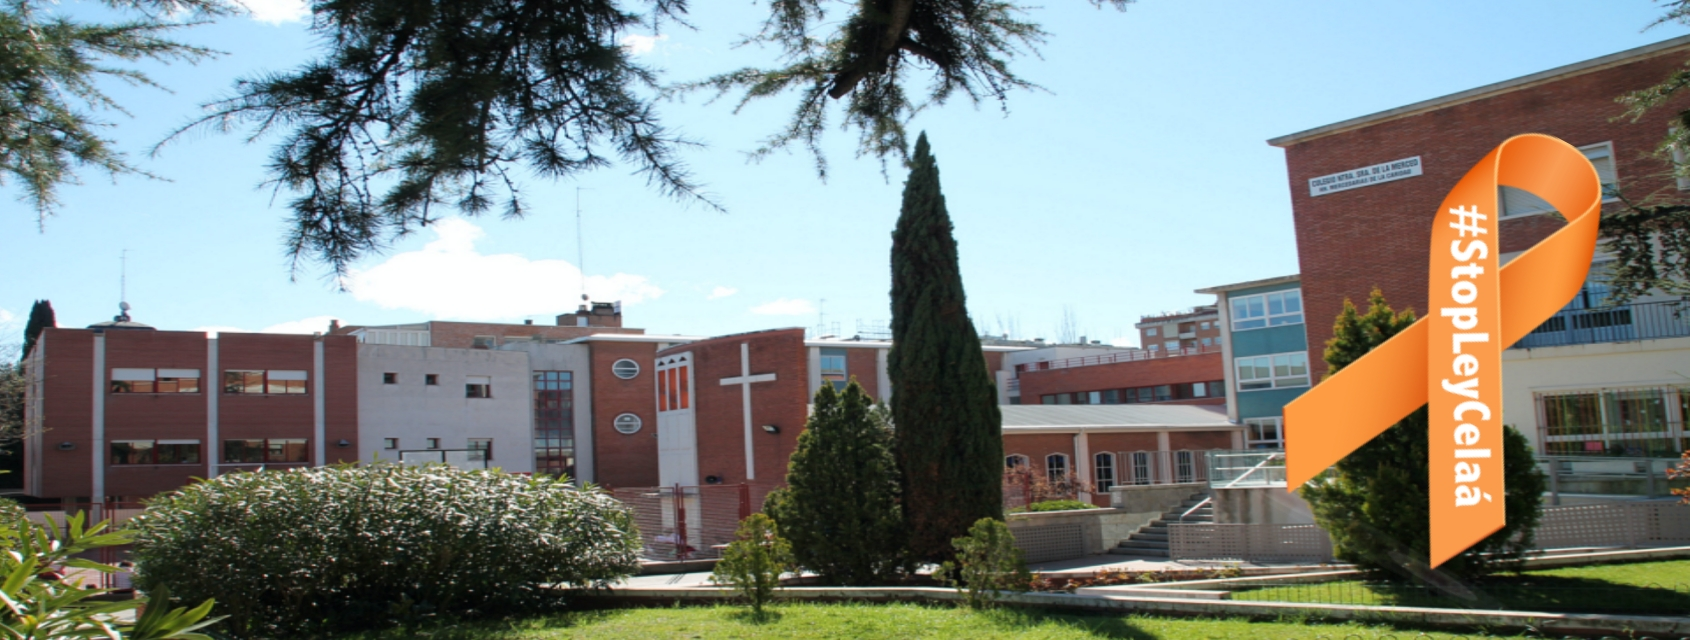 colegio_madrid_lazo2.jpg